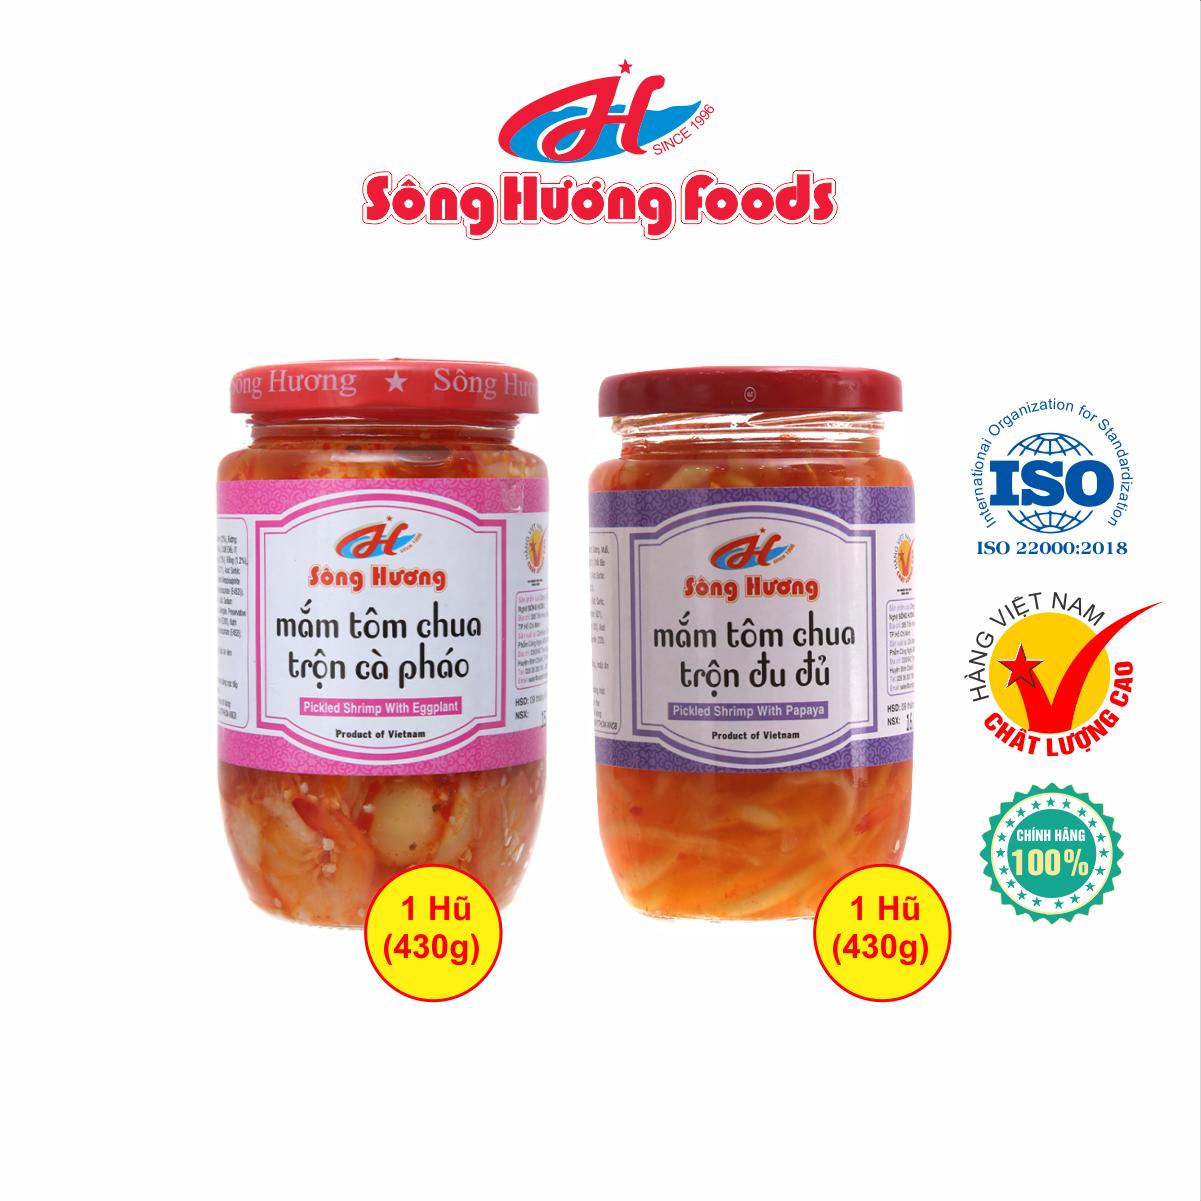 Combo 1 Hũ Mắm Tôm Chua Trộn Cà Pháo 430g + 1 Hũ Mắm Tôm Chua Trộn Đu Đủ 430g Sông Hương Foods